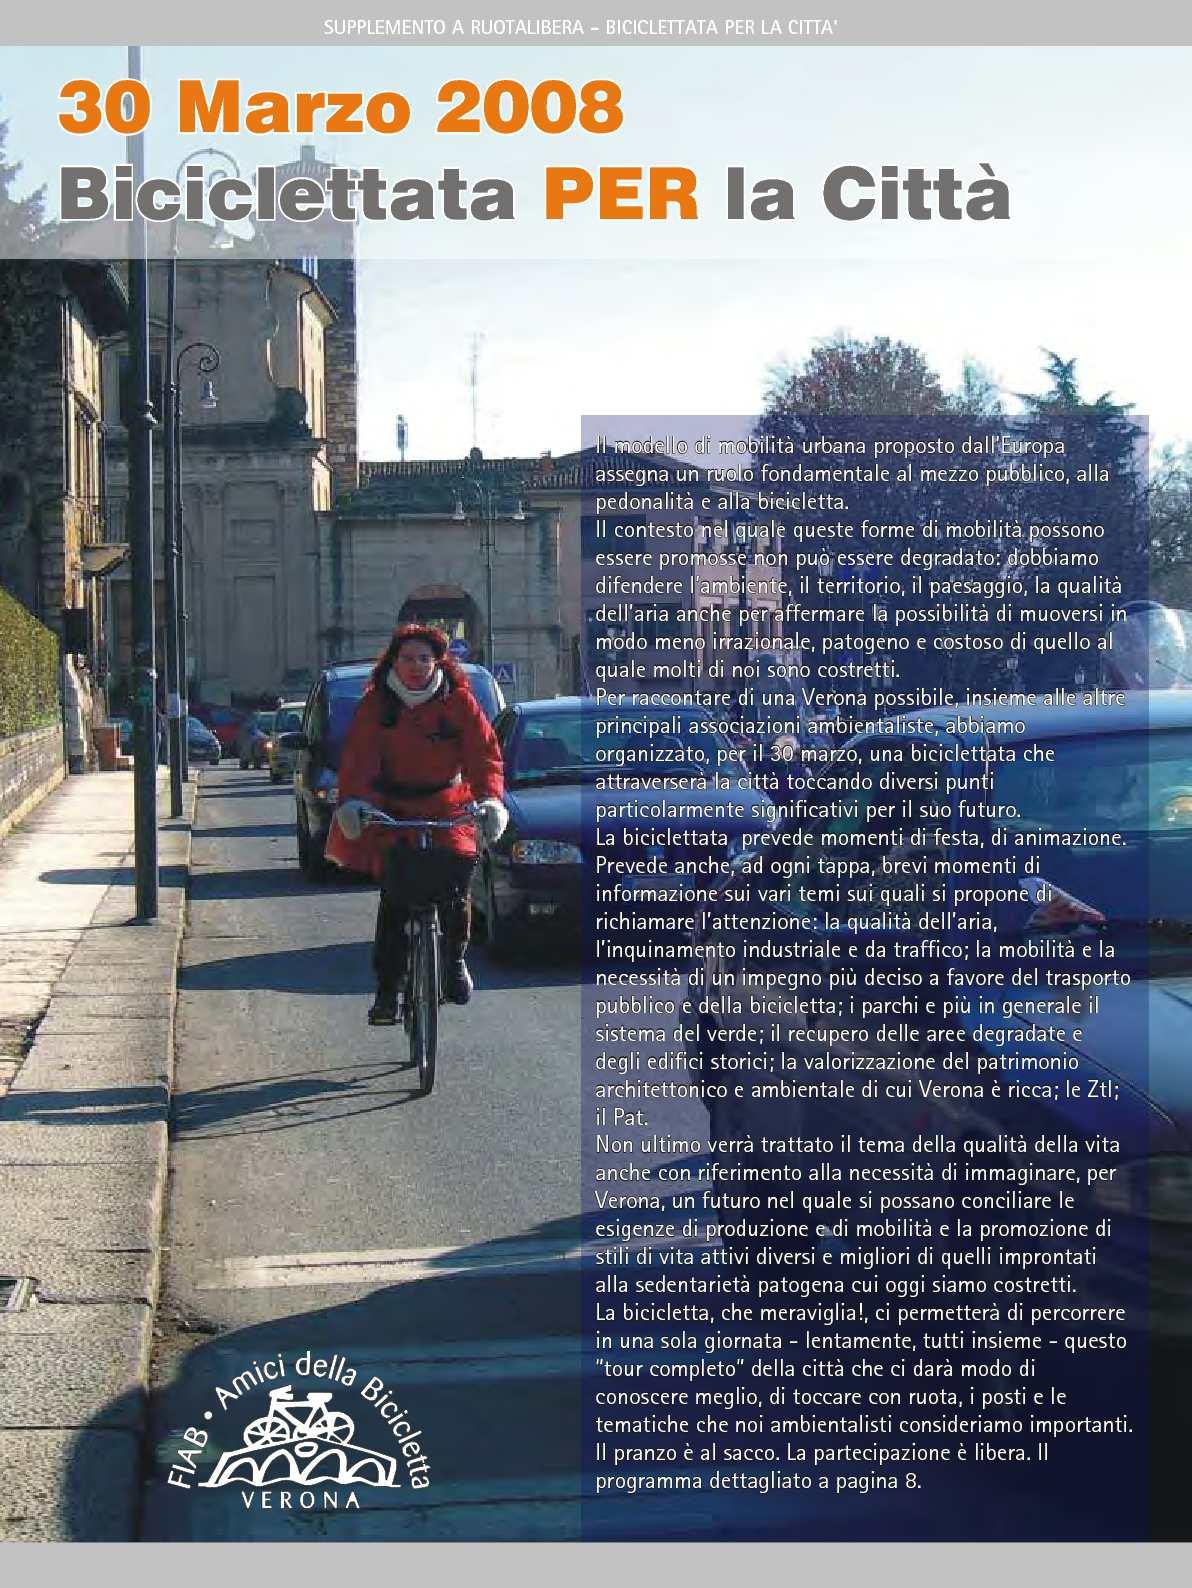 """Ruotalibera 104-bis (Supplemento) """"Biciclettata PER la città"""" - FIAB AdB Verona"""